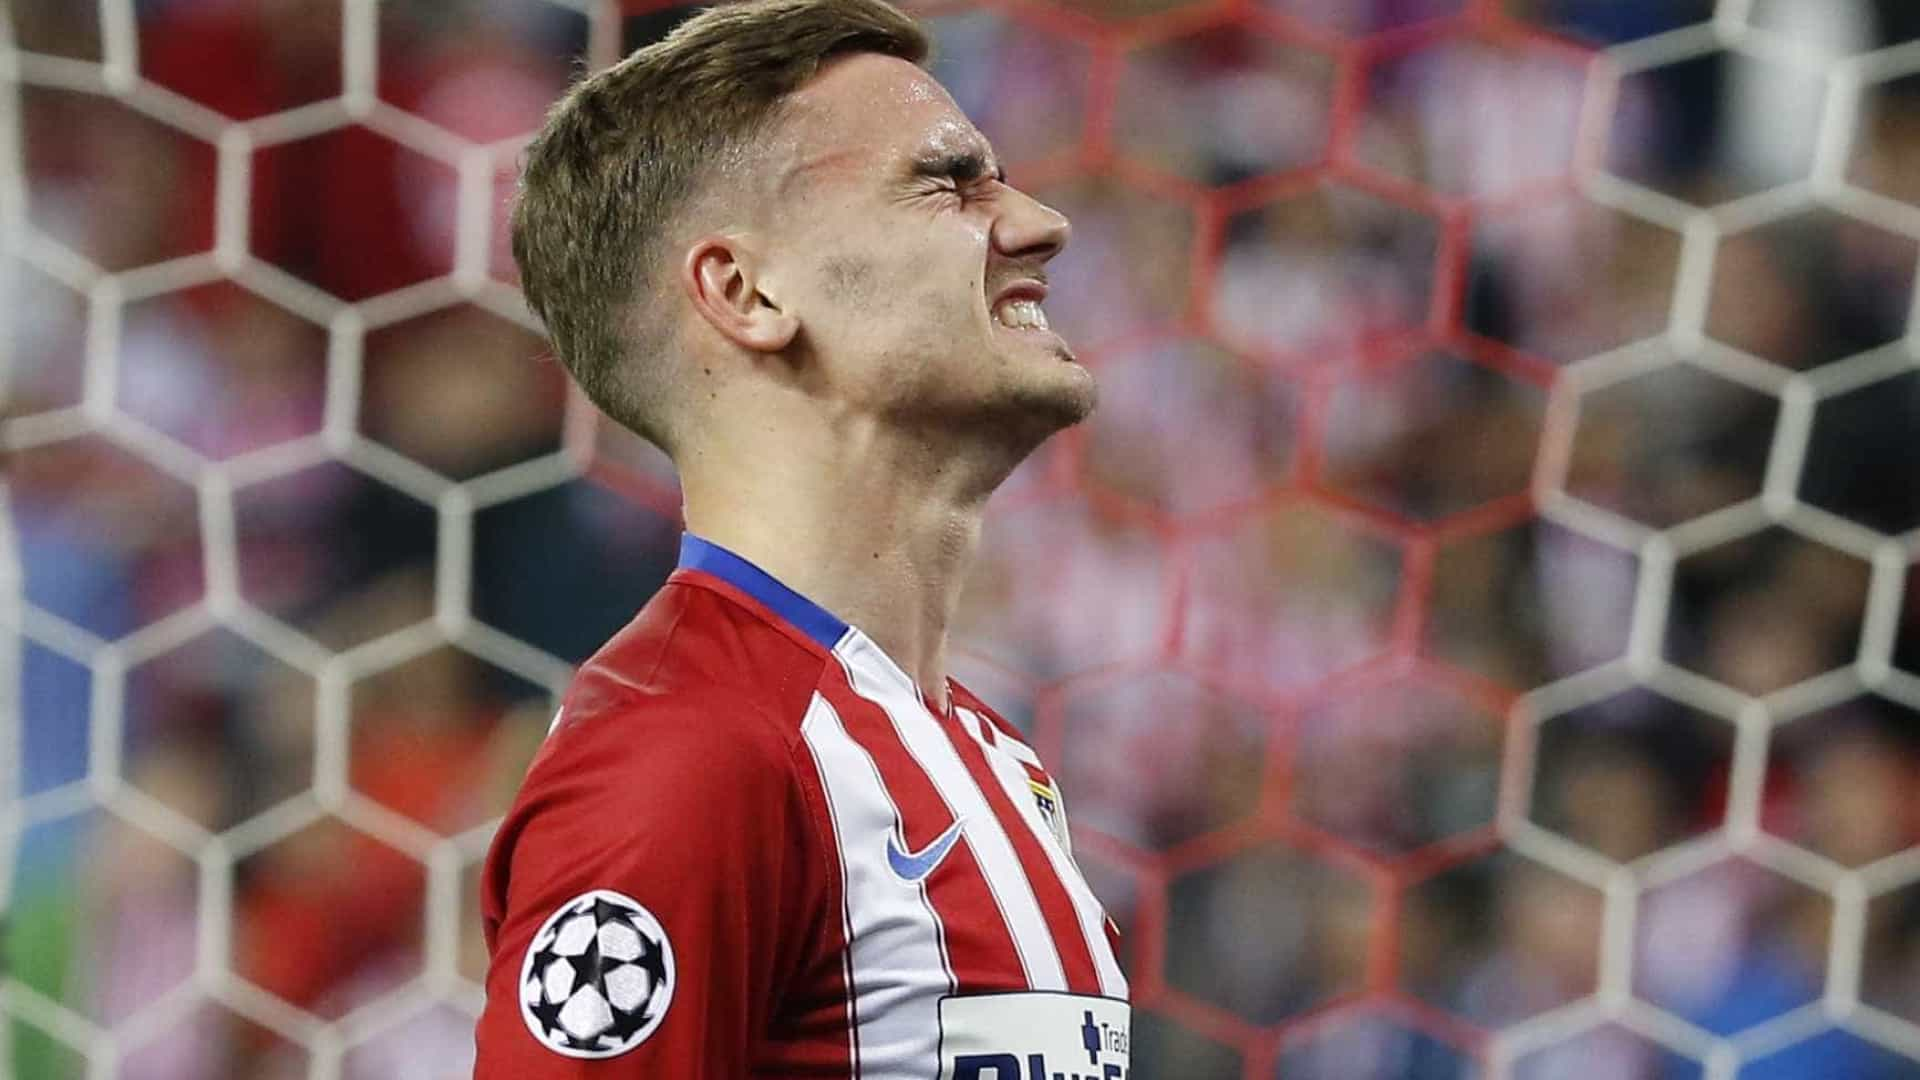 Pacto de não agressão terá evitado transferência entre Real e Atlético